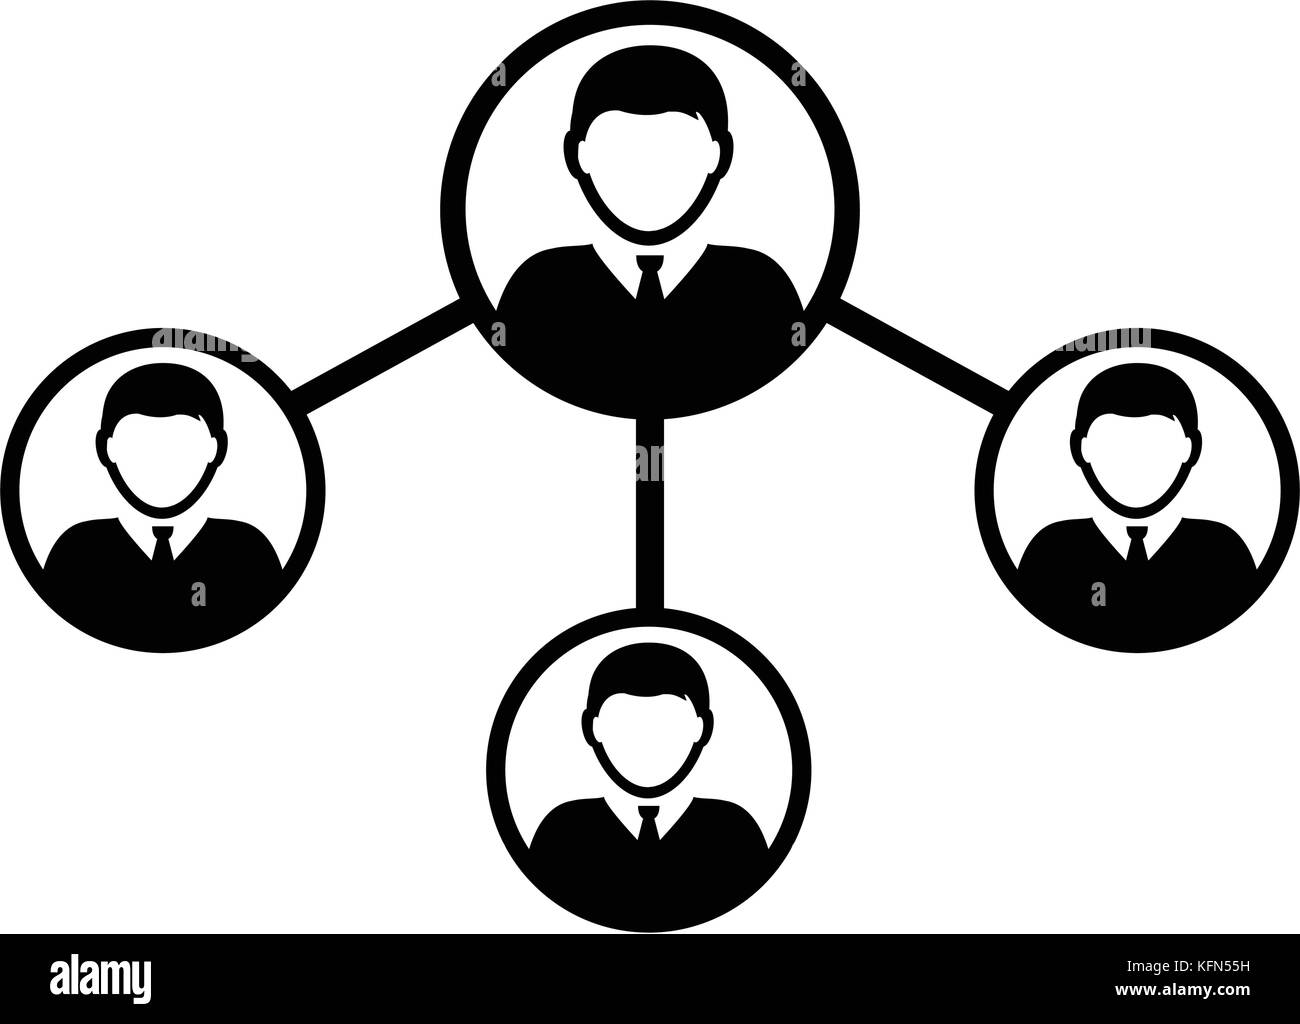 Menschen Netzwerk soziale Verbindung Symbol Vektor männliche Person ...